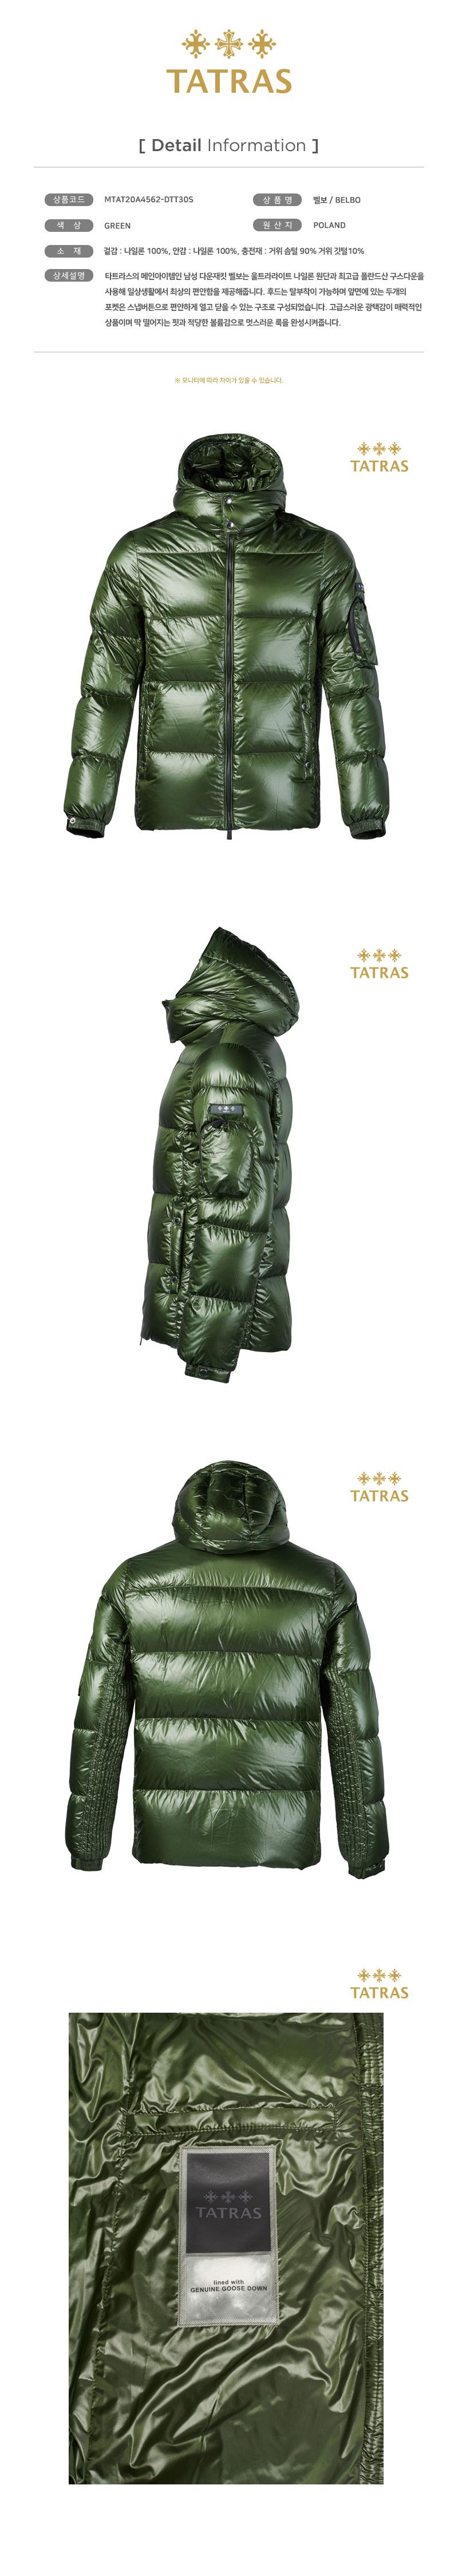 타트라스(TATRAS) 남성 다운자켓 벨보 BELBO (MTAT20A4562-DTT30S)